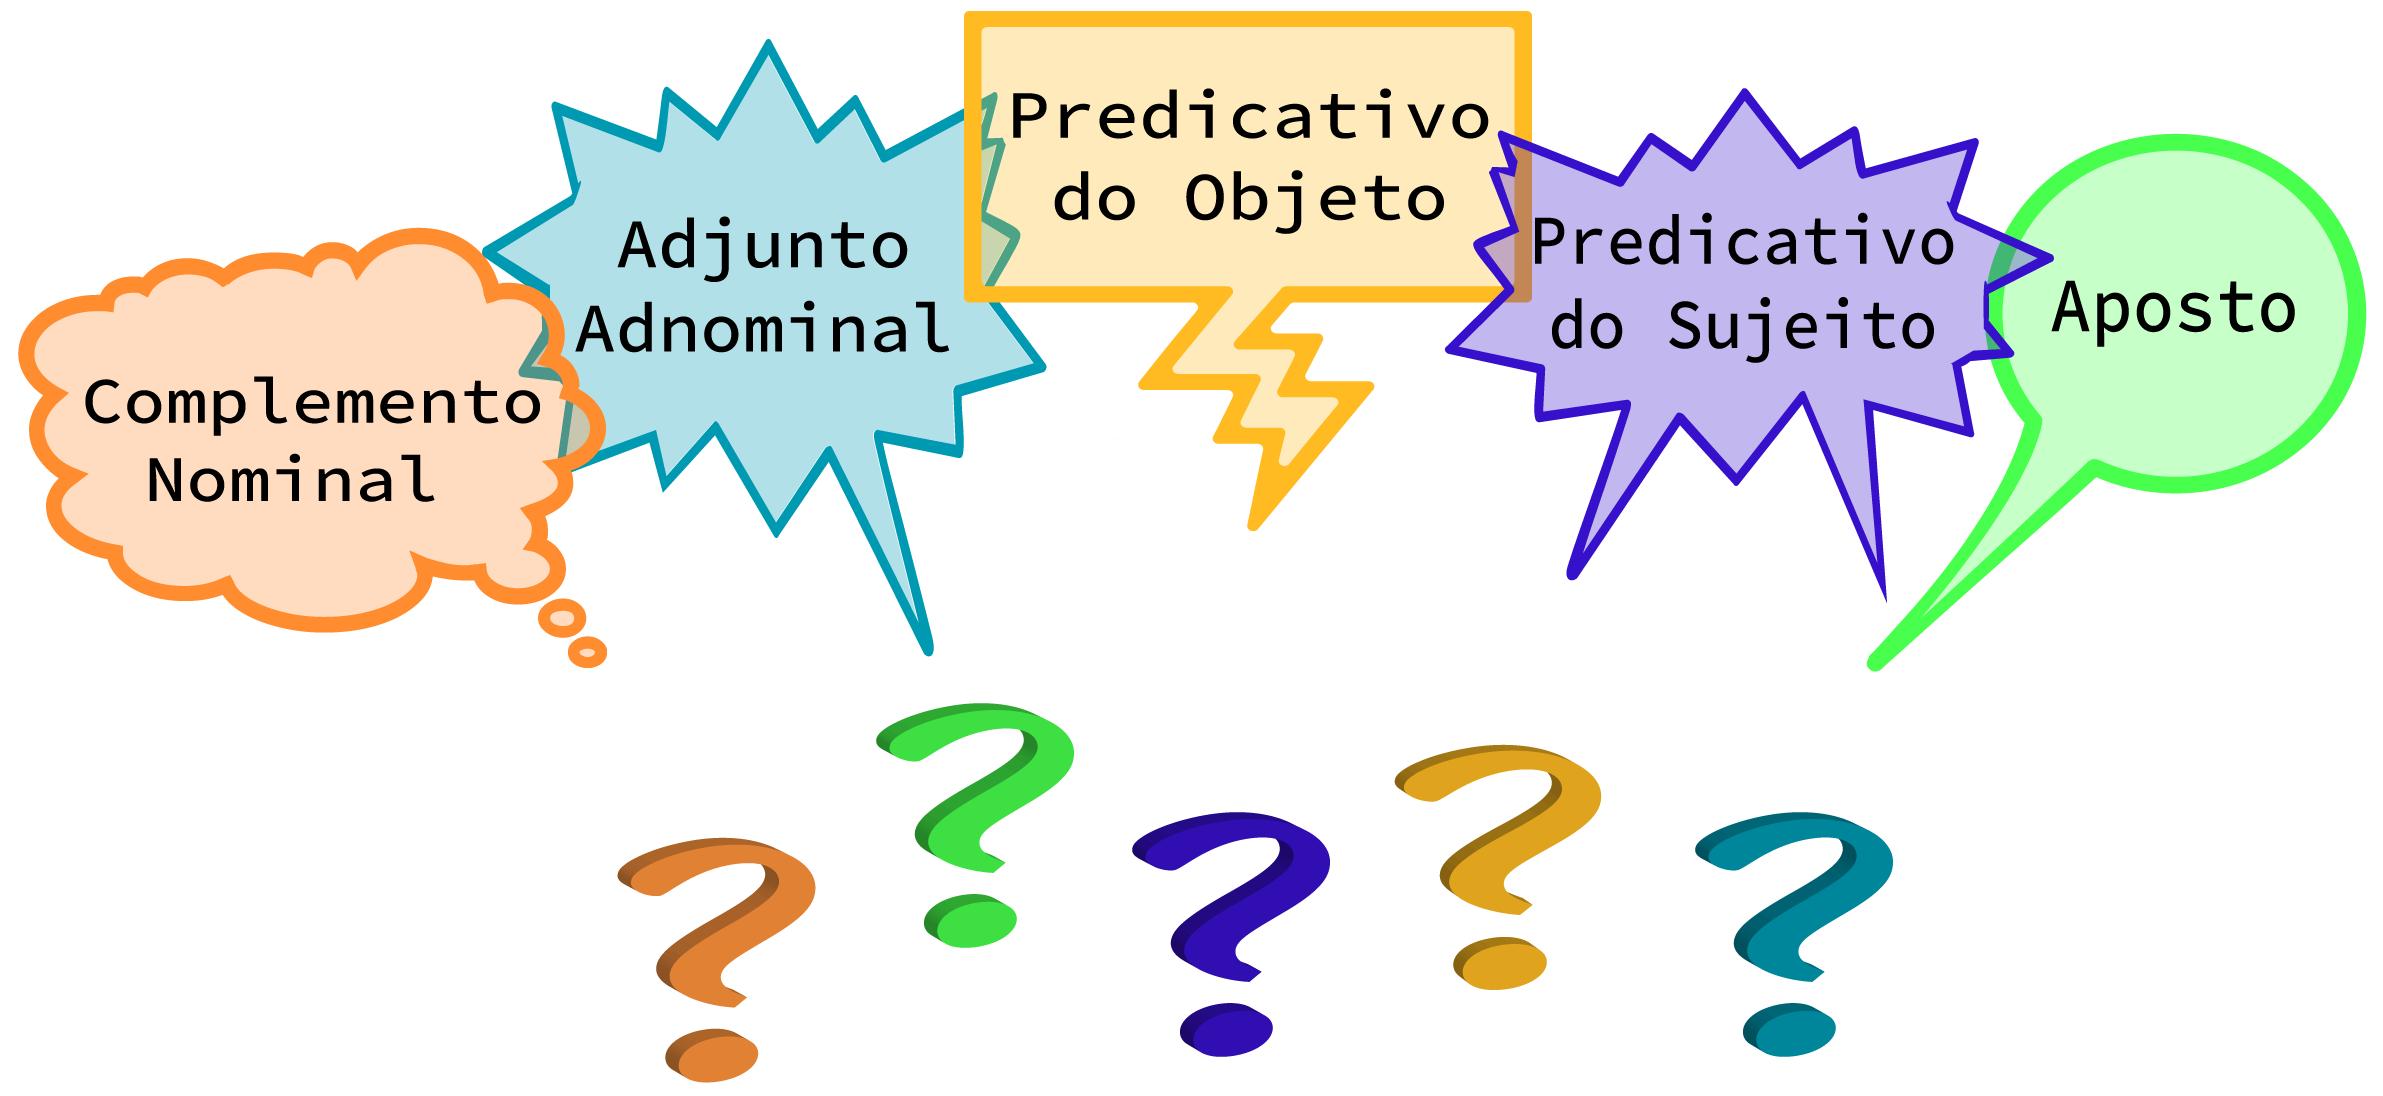 Balões com os cinco termos ligados ao nome (adjunto adnominal; predicativo do sujeito; predicativo do objeto; complemento nominal e aposto)